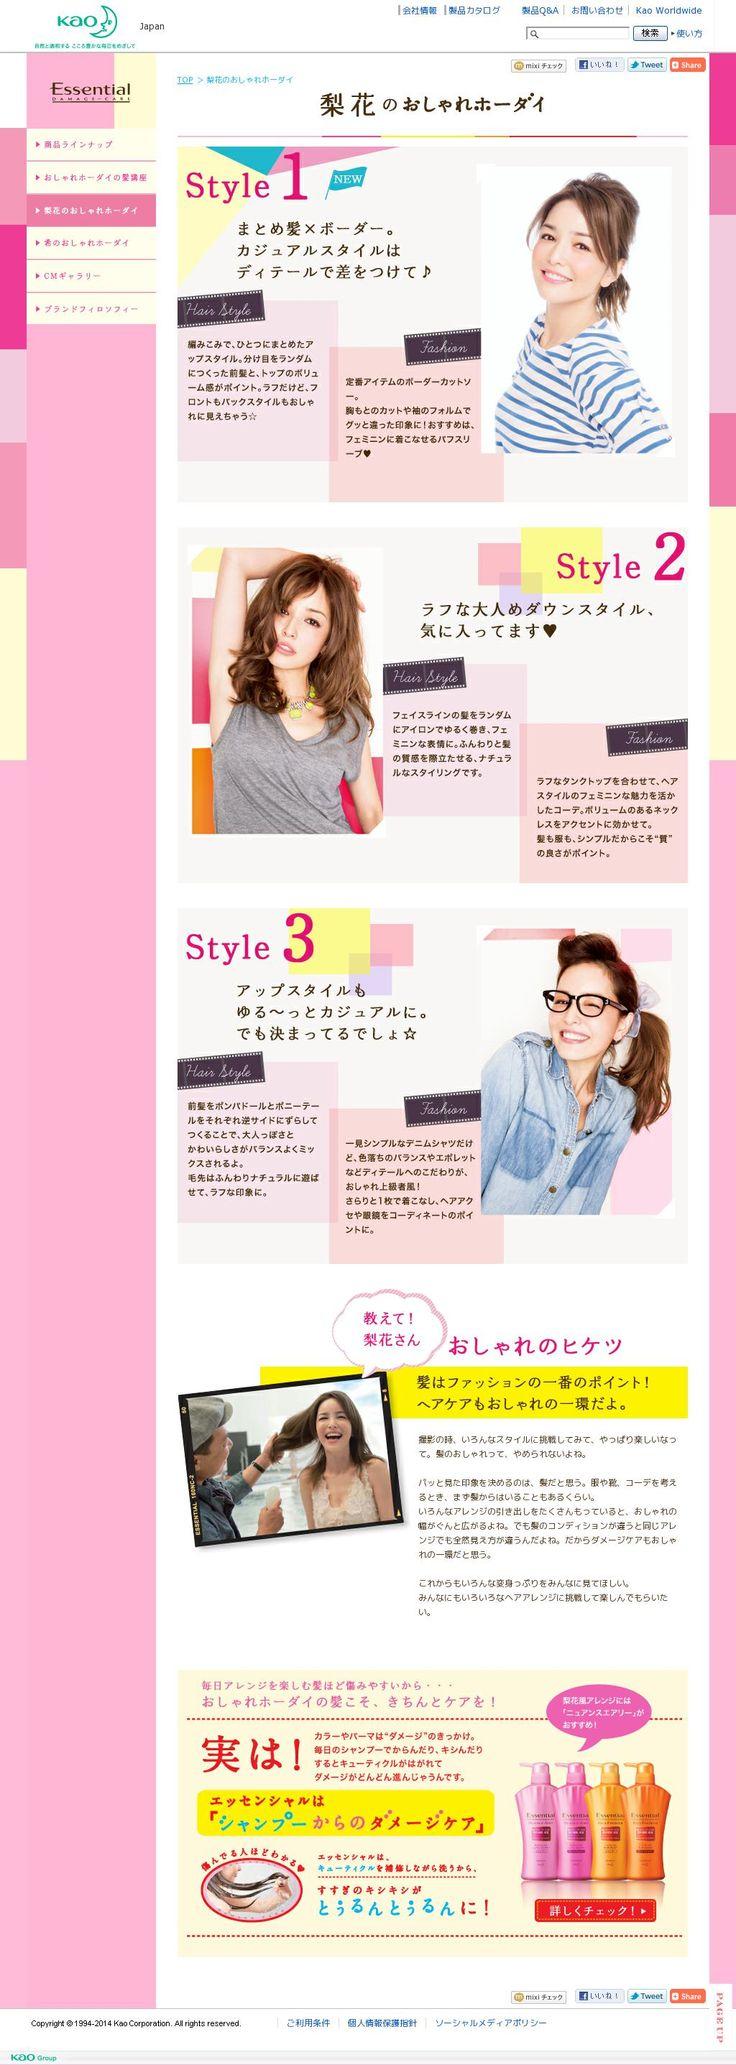 バナー The website 'http://www.kao.co.jp/essential/trend/rinka/' courtesy of @Pinstamatic (http://pinstamatic.com)